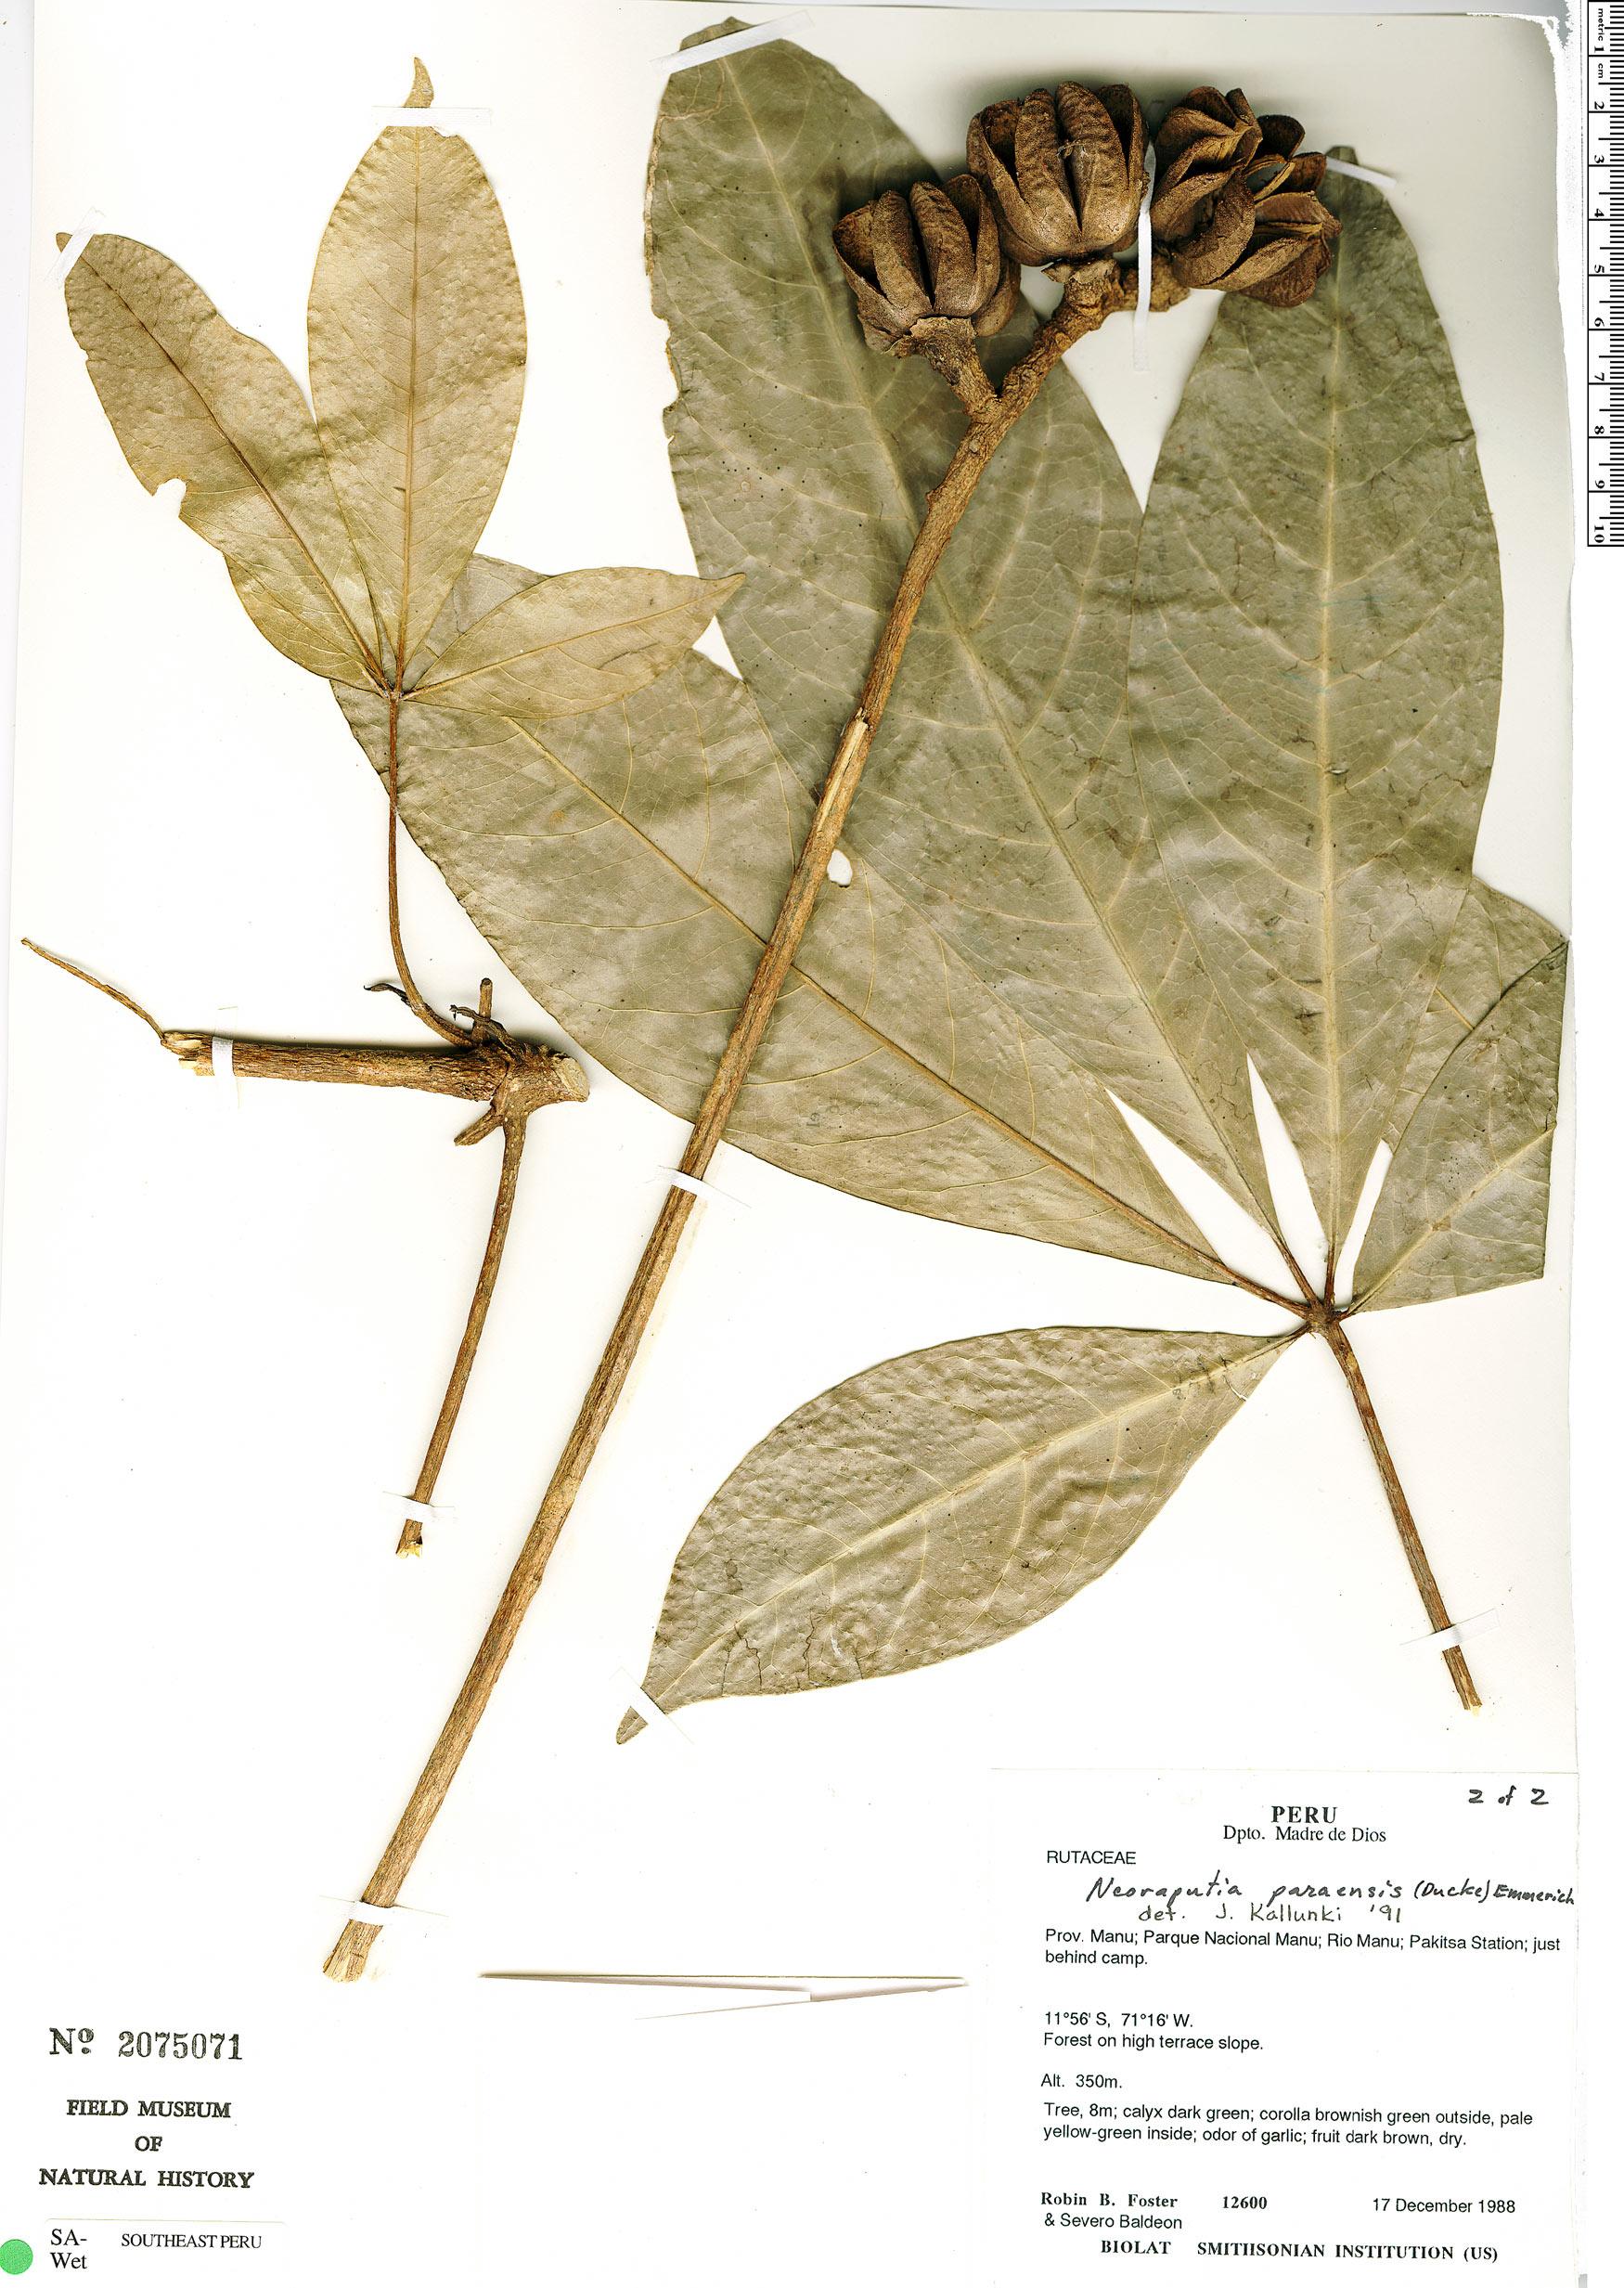 Specimen: Neoraputia paraensis